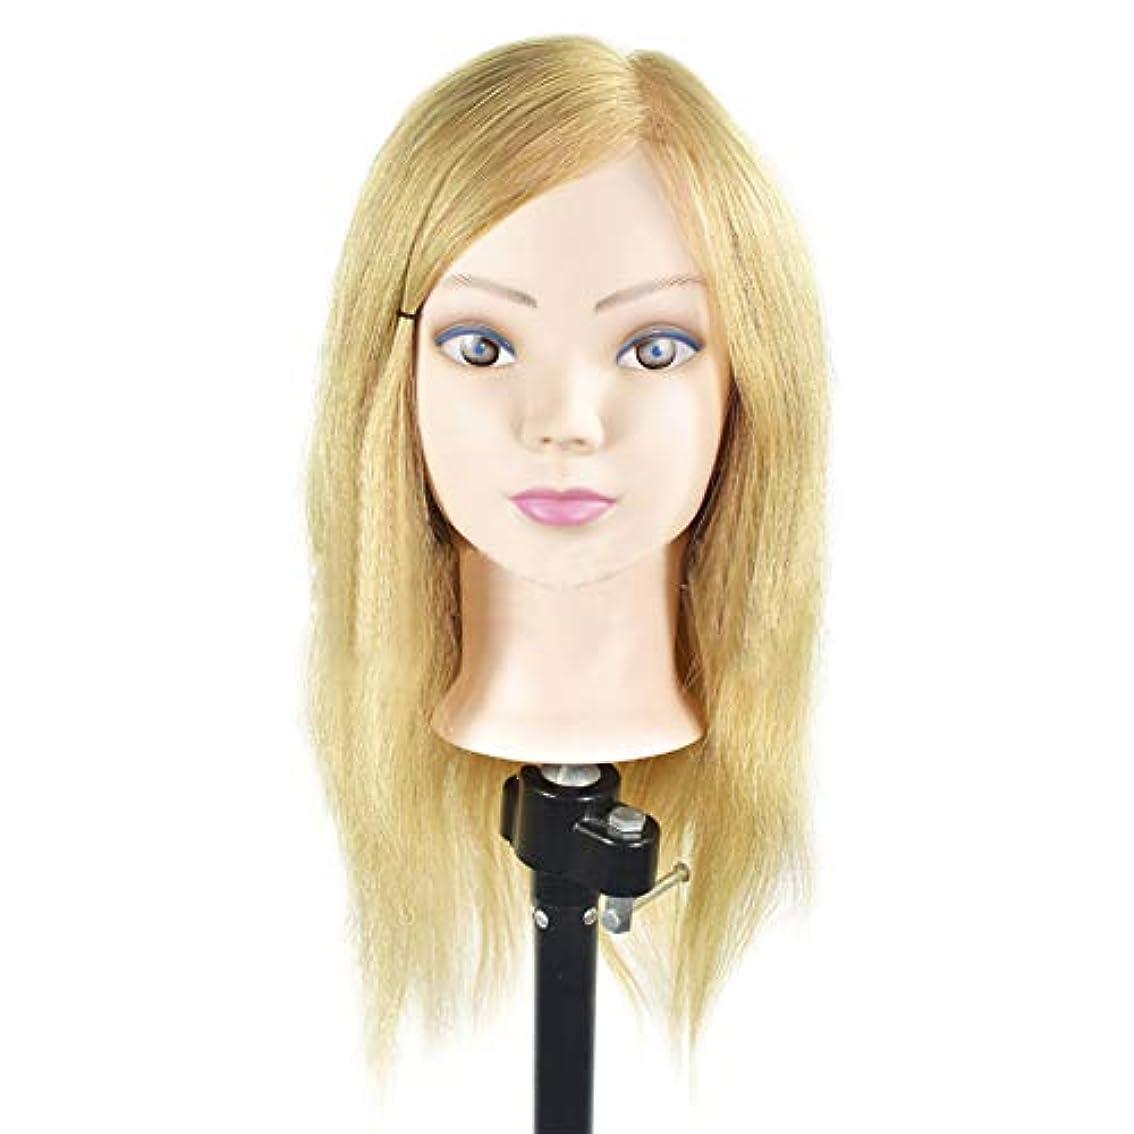 起訴するねじれフロント本物の髪髪編組髪ヘアホット染料ヘッド型サロンモデリングウィッグエクササイズヘッド散髪学習ダミーヘッド